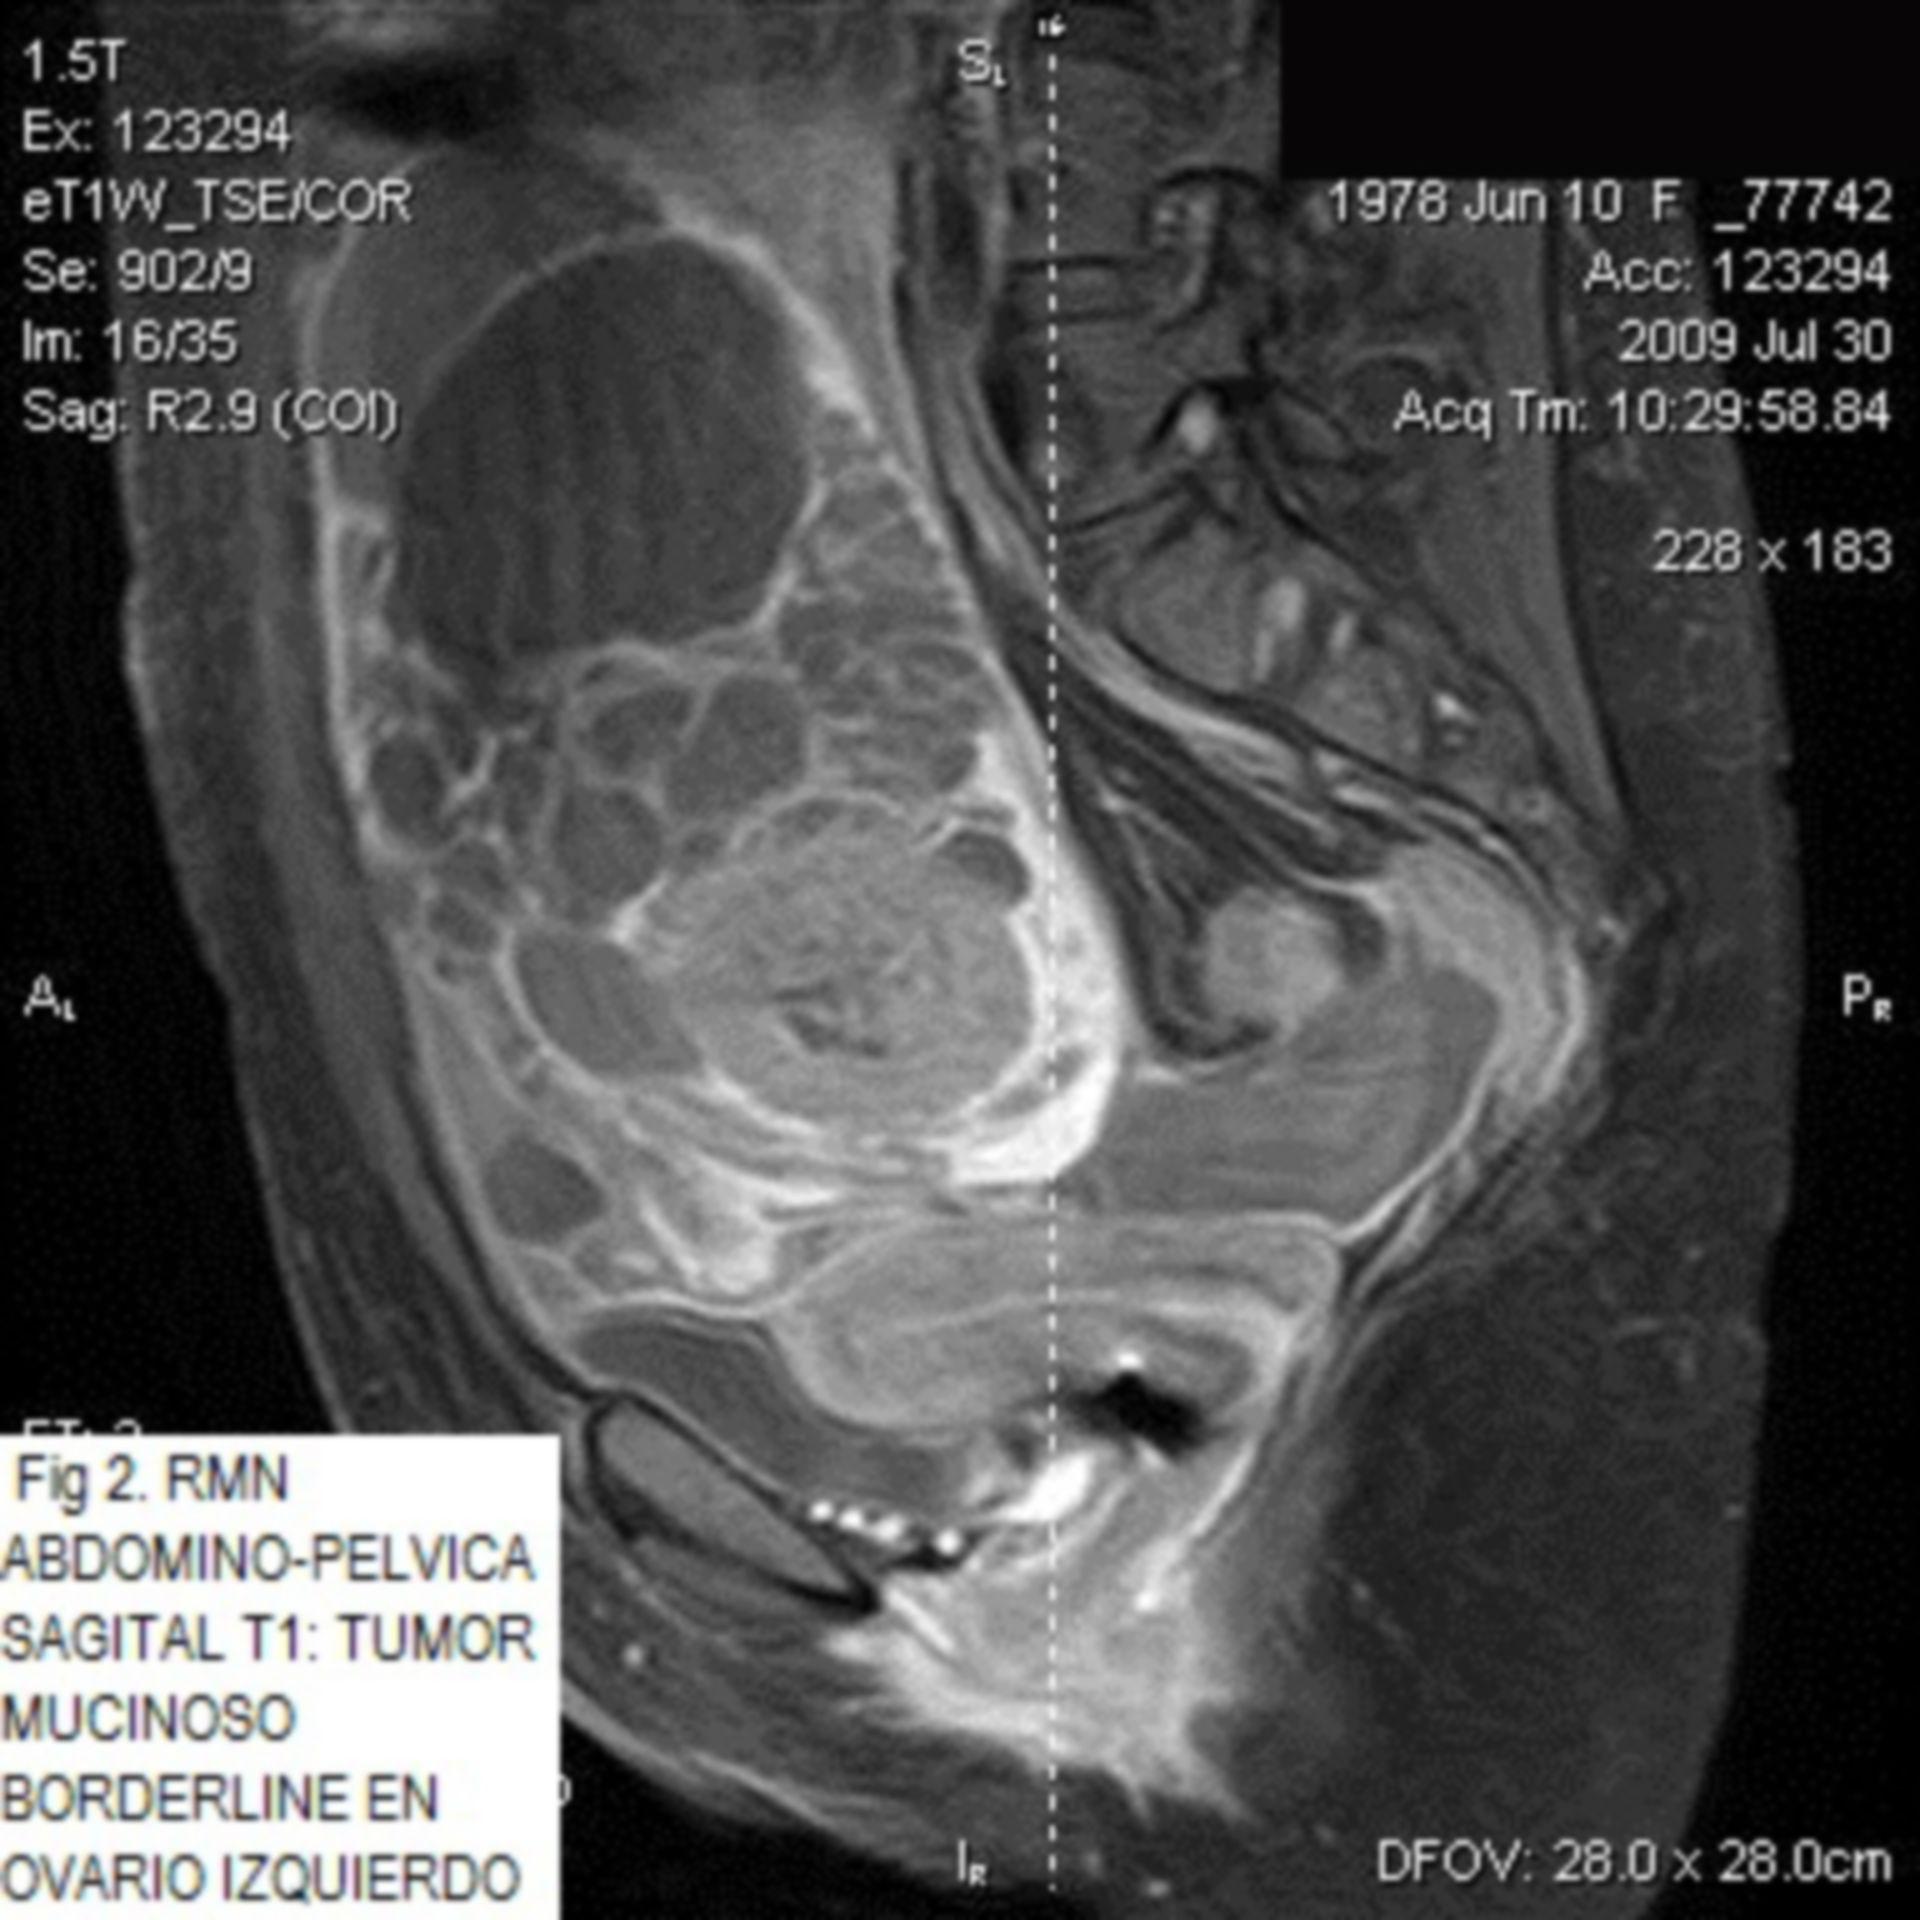 Carcinoma Borderline Mucinoso de Ovario con Recurrencia metastásica hepática ¿tumor ovárico o digestivo?